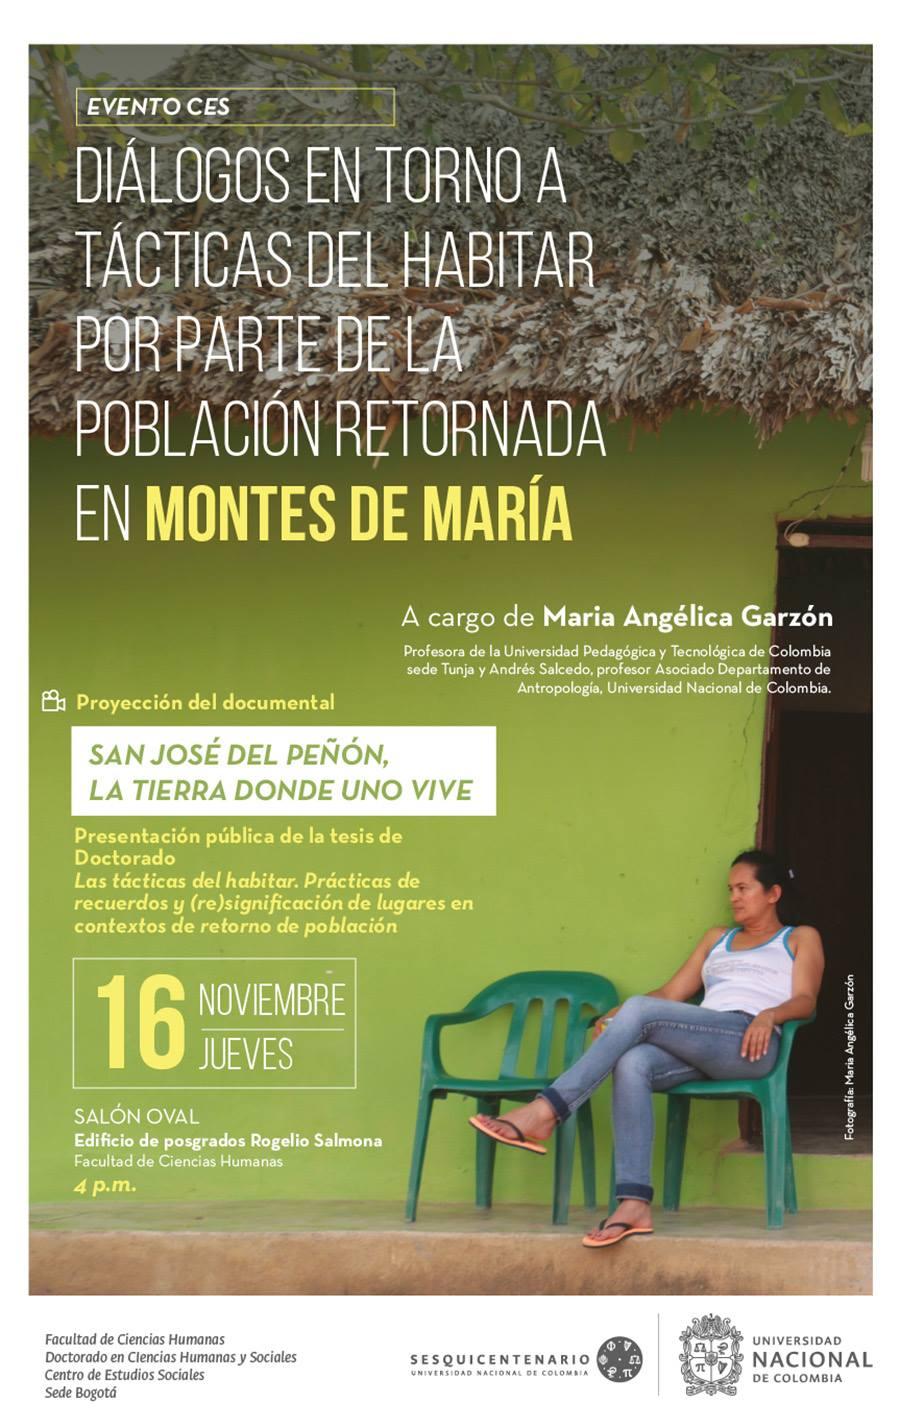 «Diálogos en torno a tácticas del habitar por parte de la población retornada en Montes de María» / Proyección del documental 'San José del Peñón: la tierra donde uno vive'